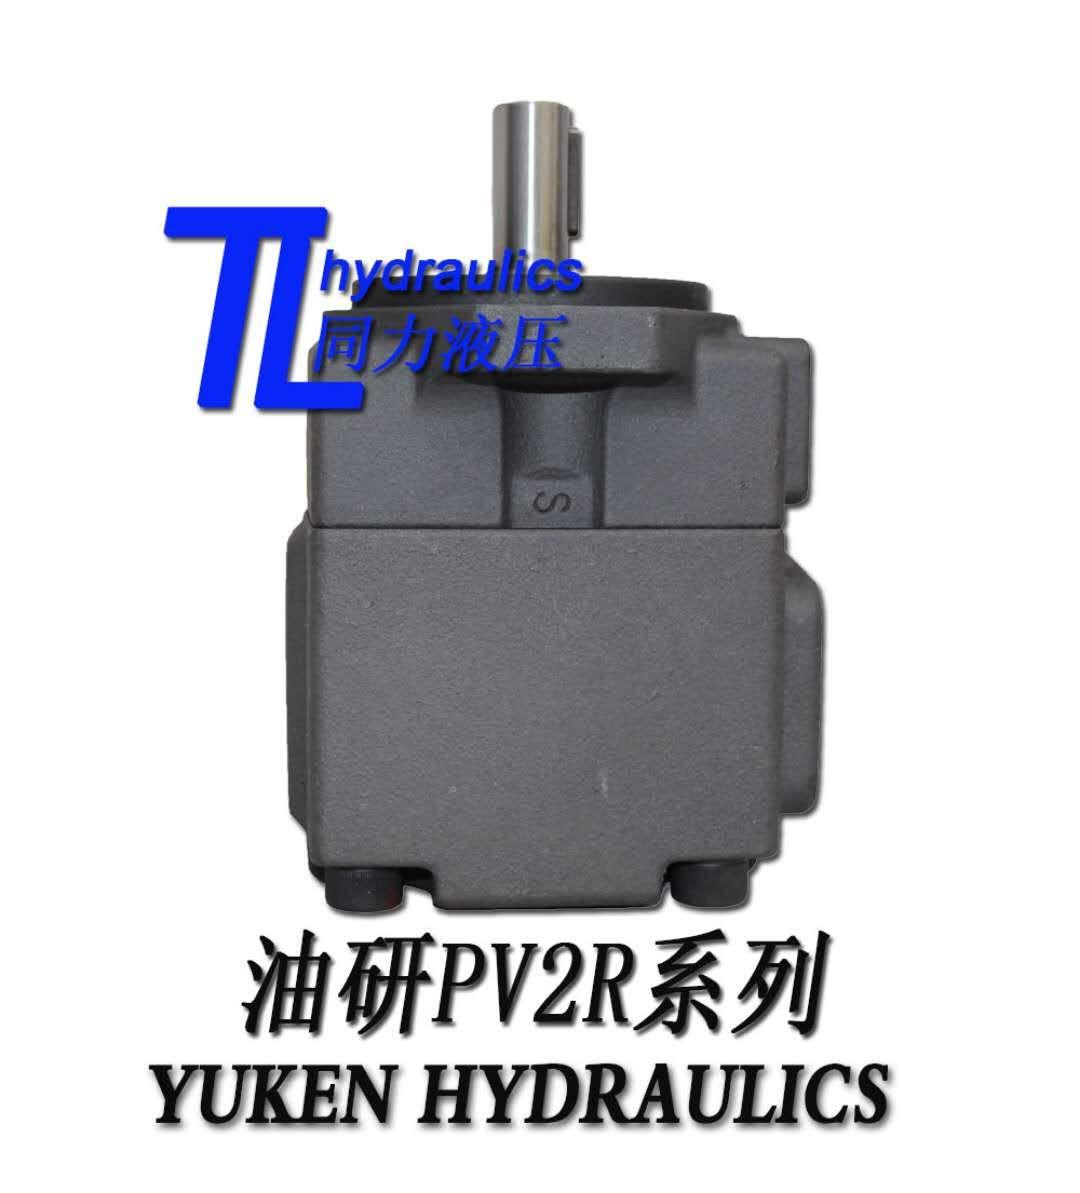 供应YUKEN油泵泵蒲日本油研PV2R4-200-F-RAA-30单高压定量叶片泵